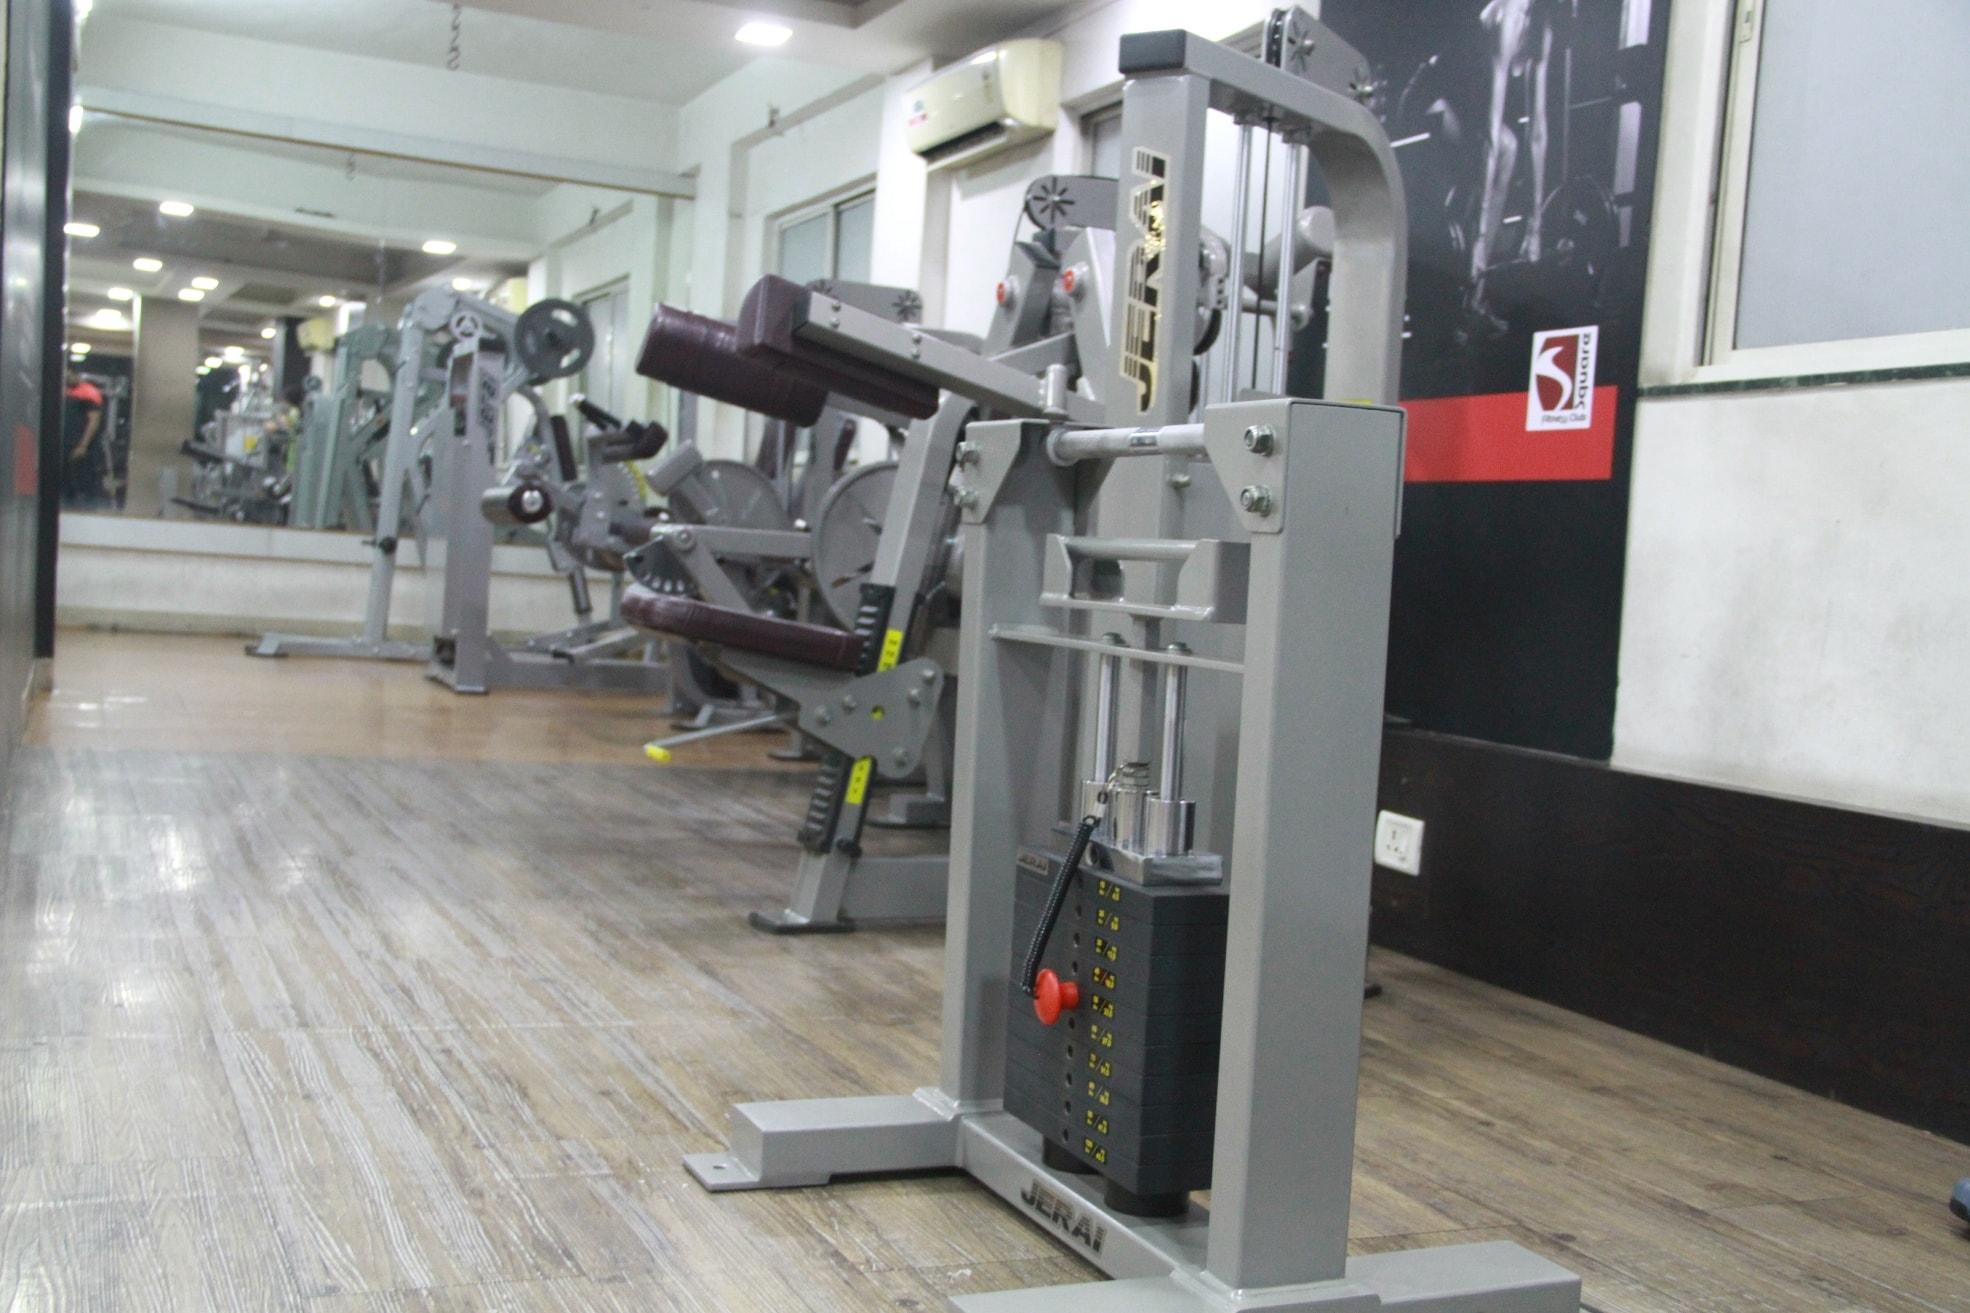 Weights Training Equipment 9